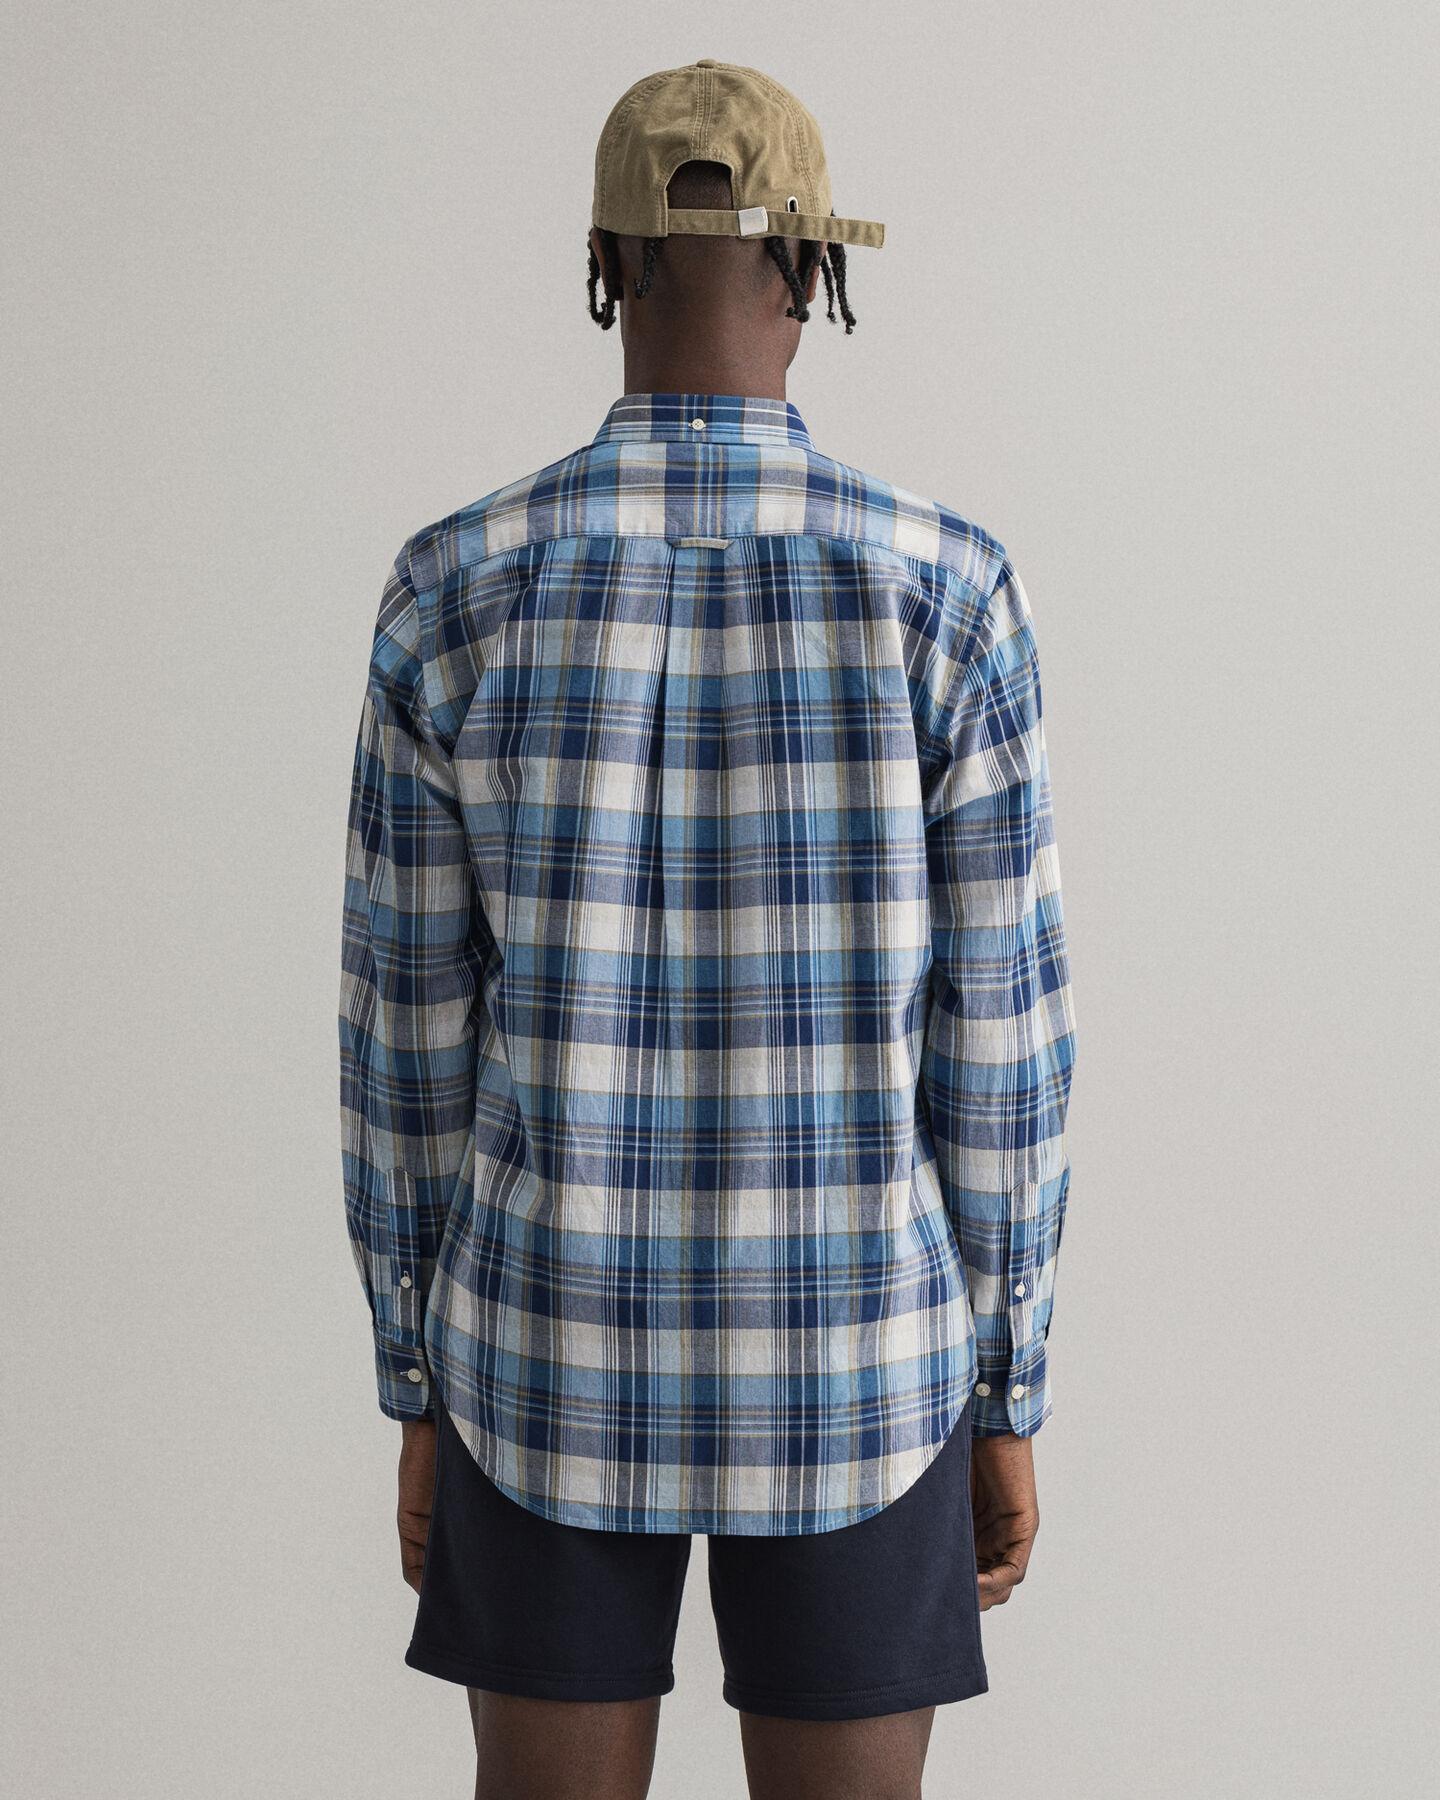 Regular fit indisk madrasrutig skjorta